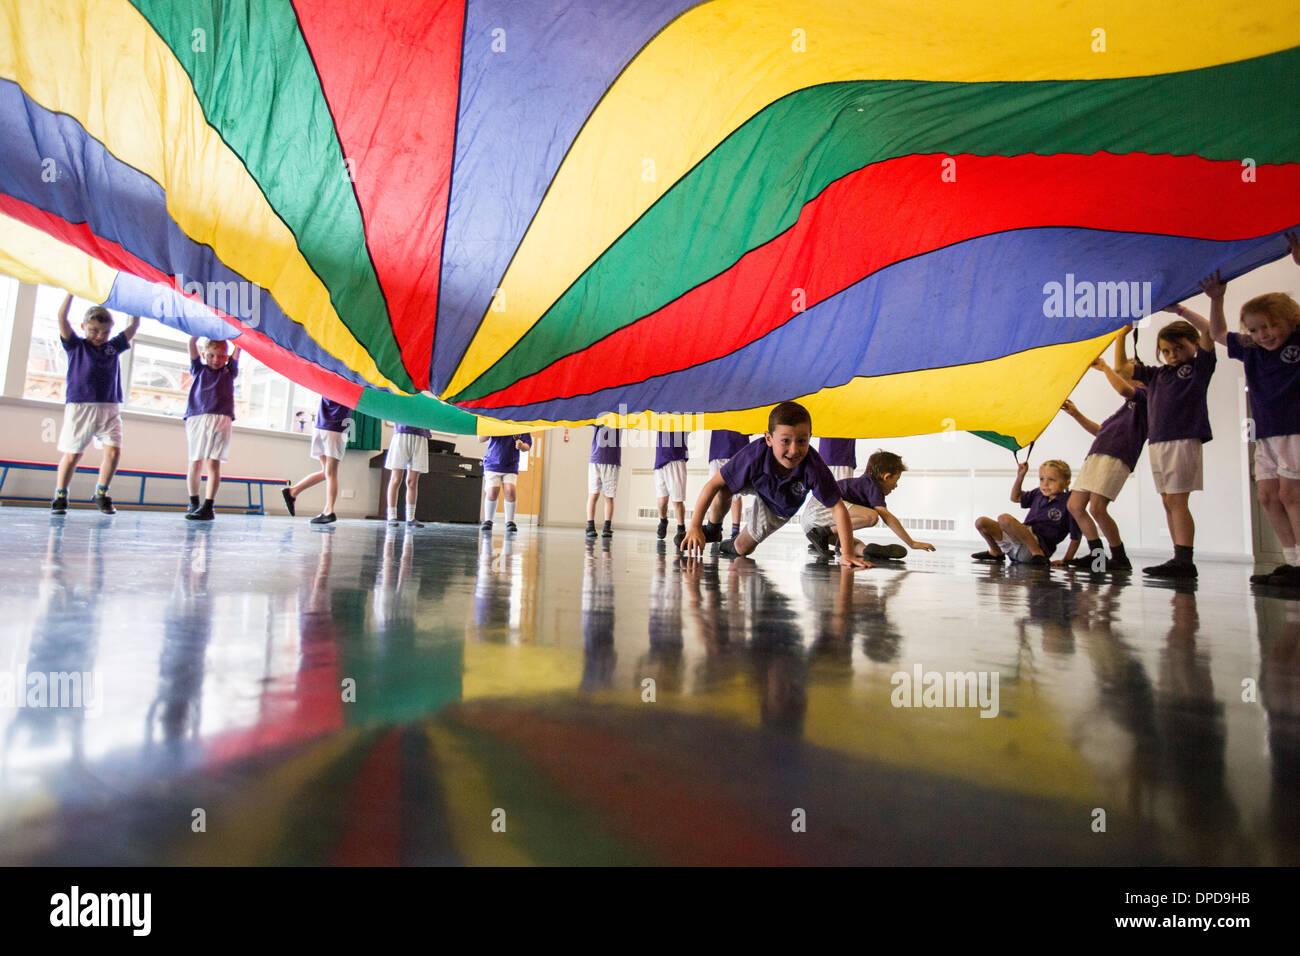 Los alumnos de una escuela primaria del Reino Unido jugando con un paracaídas en el pasillo de la escuela Imagen De Stock